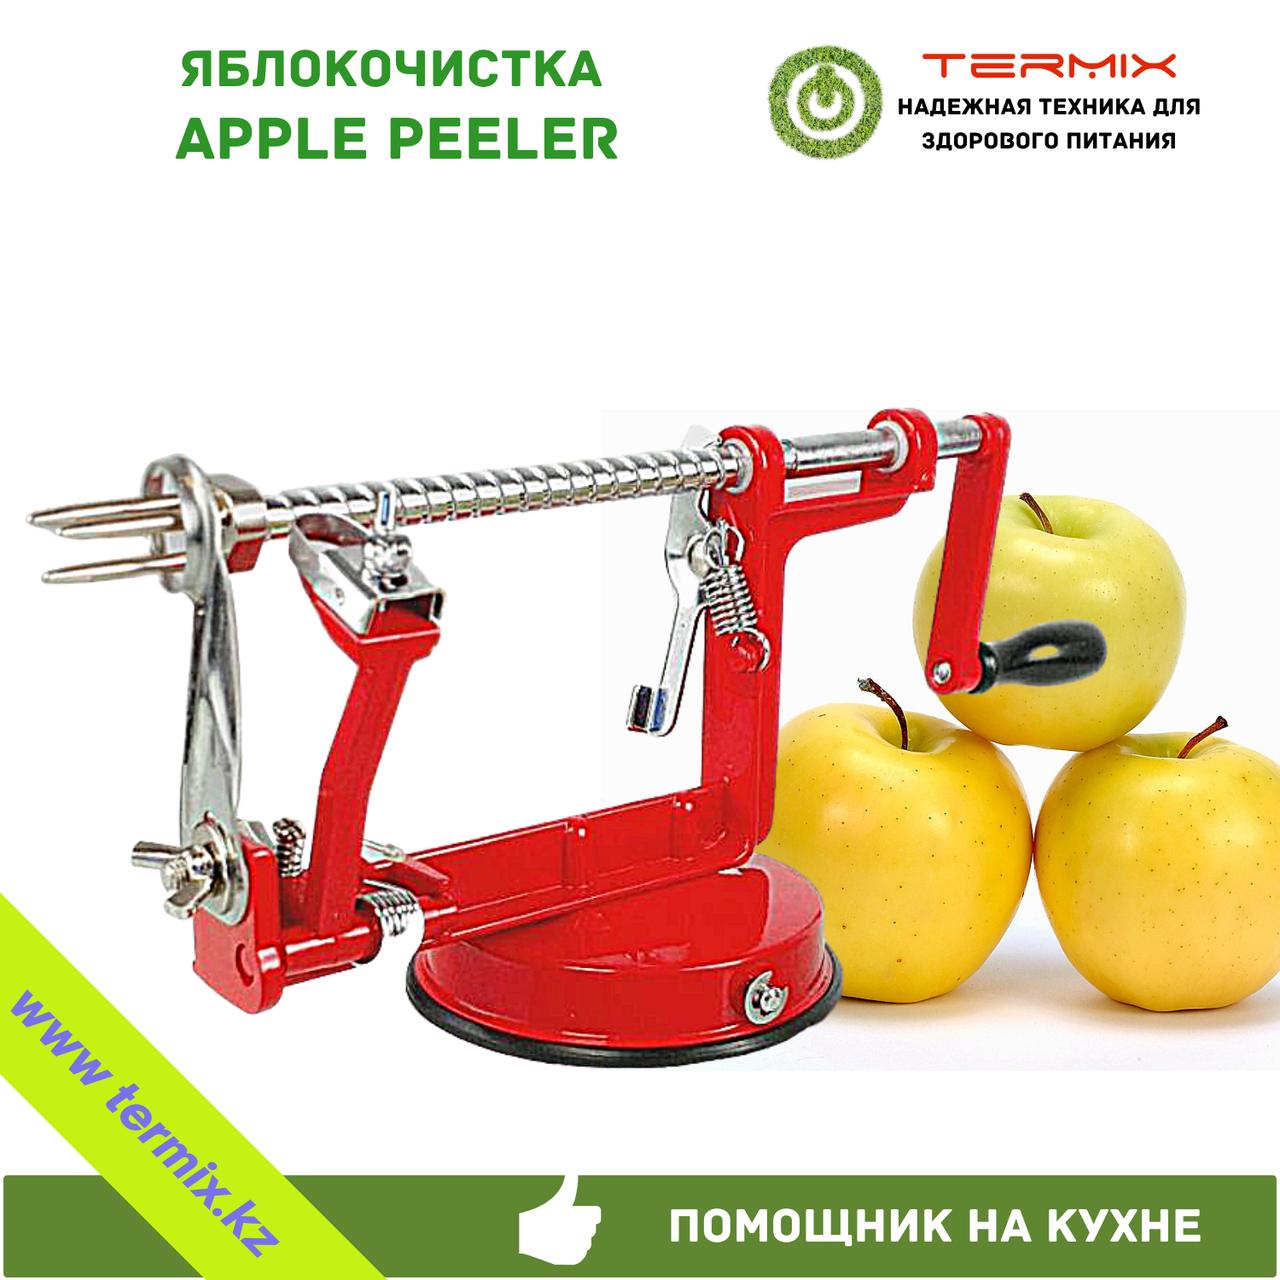 Apple Peeler - Слайсер для нарезки яблок, фруктов и овощей с присоской, красный